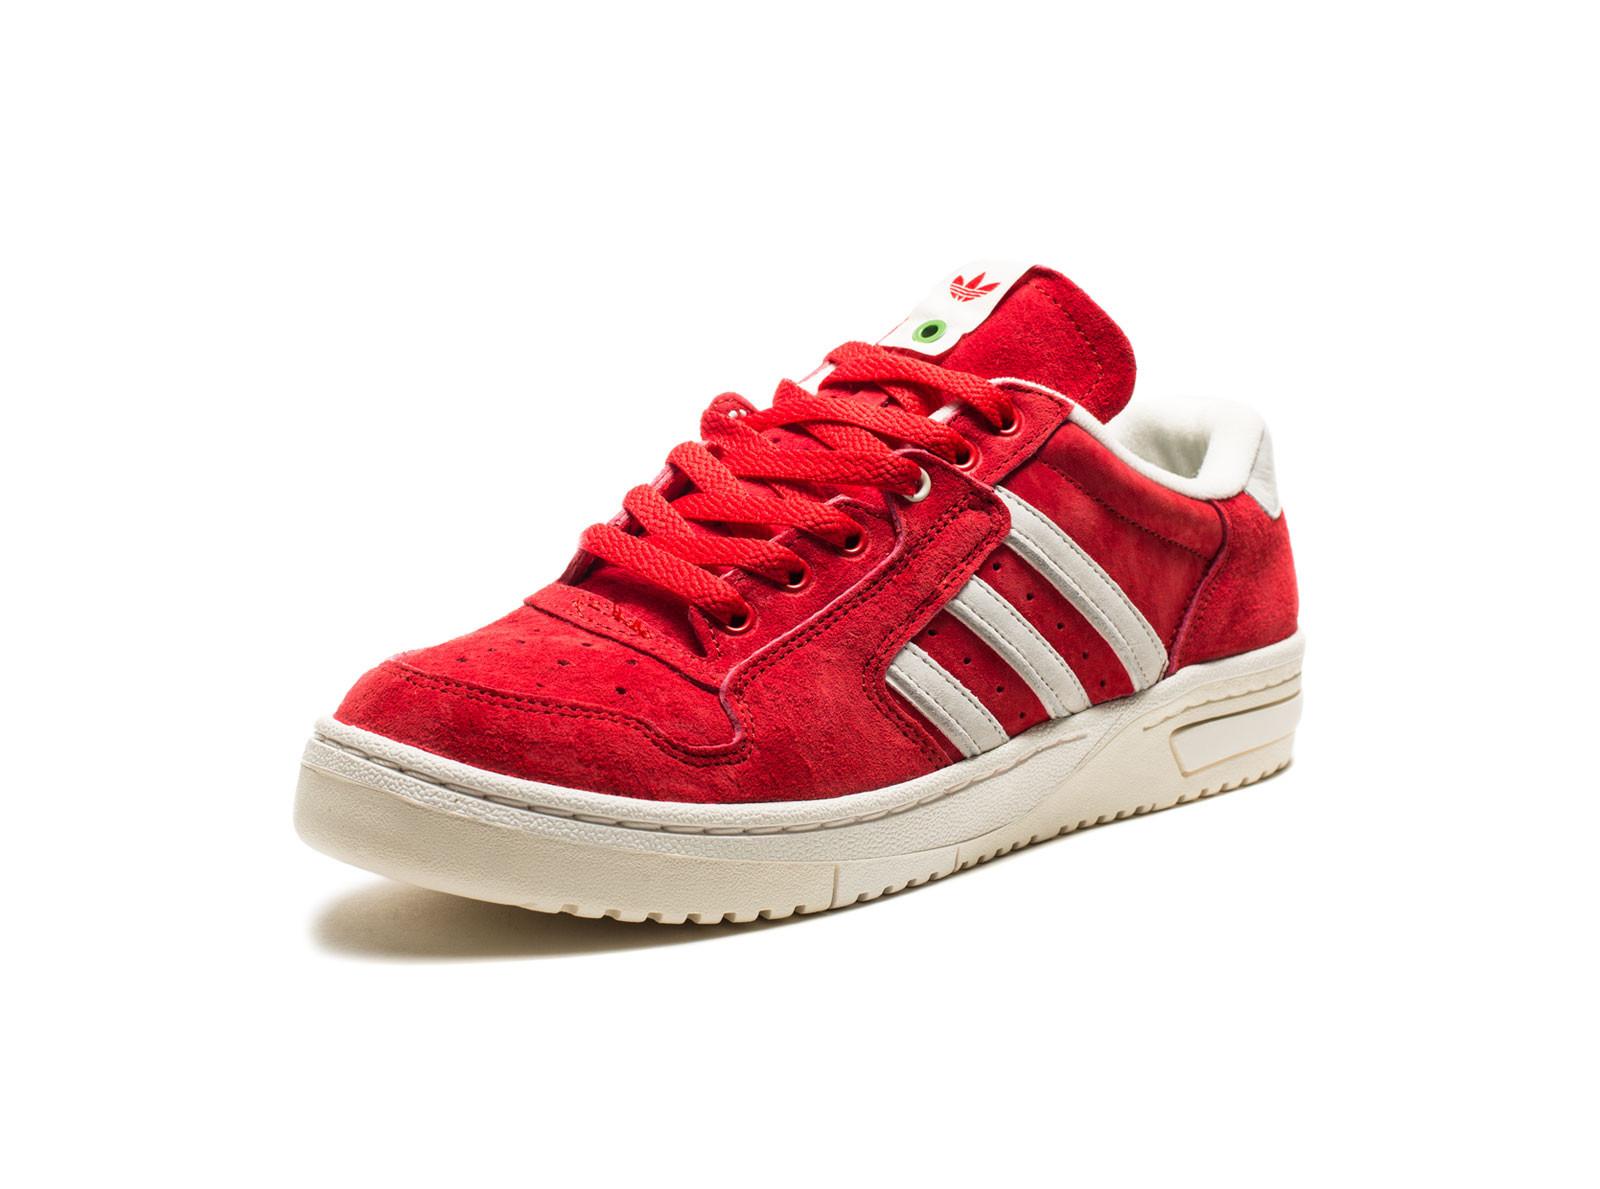 Adidas Consortium X Footpat...